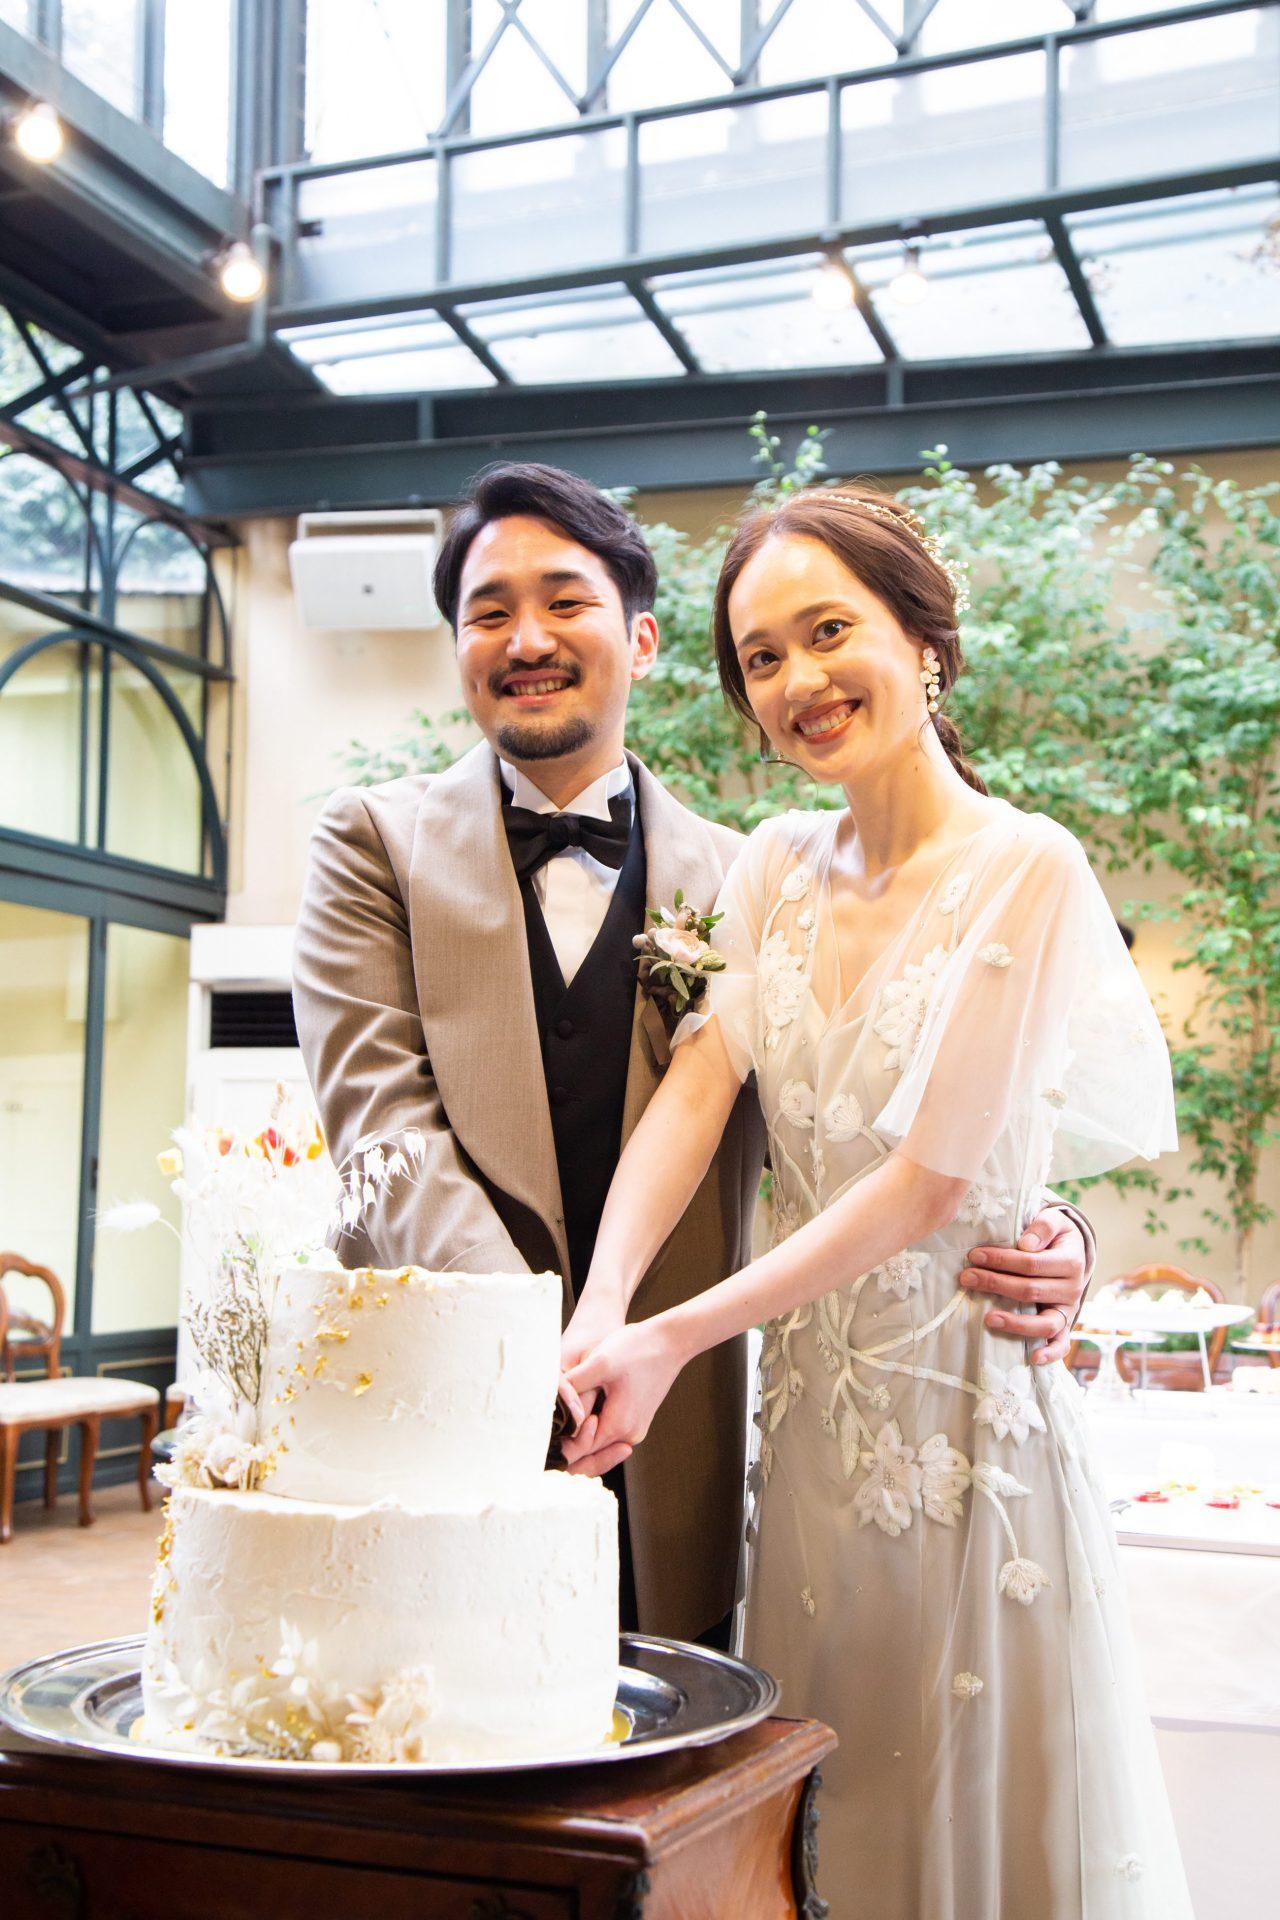 お色直しに行ったガーデンチャペルを背景に行うケーキ入刀は、カラードレスのグリーンの色合いと、ベージュのタキシードのコントラストがオシャレでフォトジェニックな写真が撮れます。